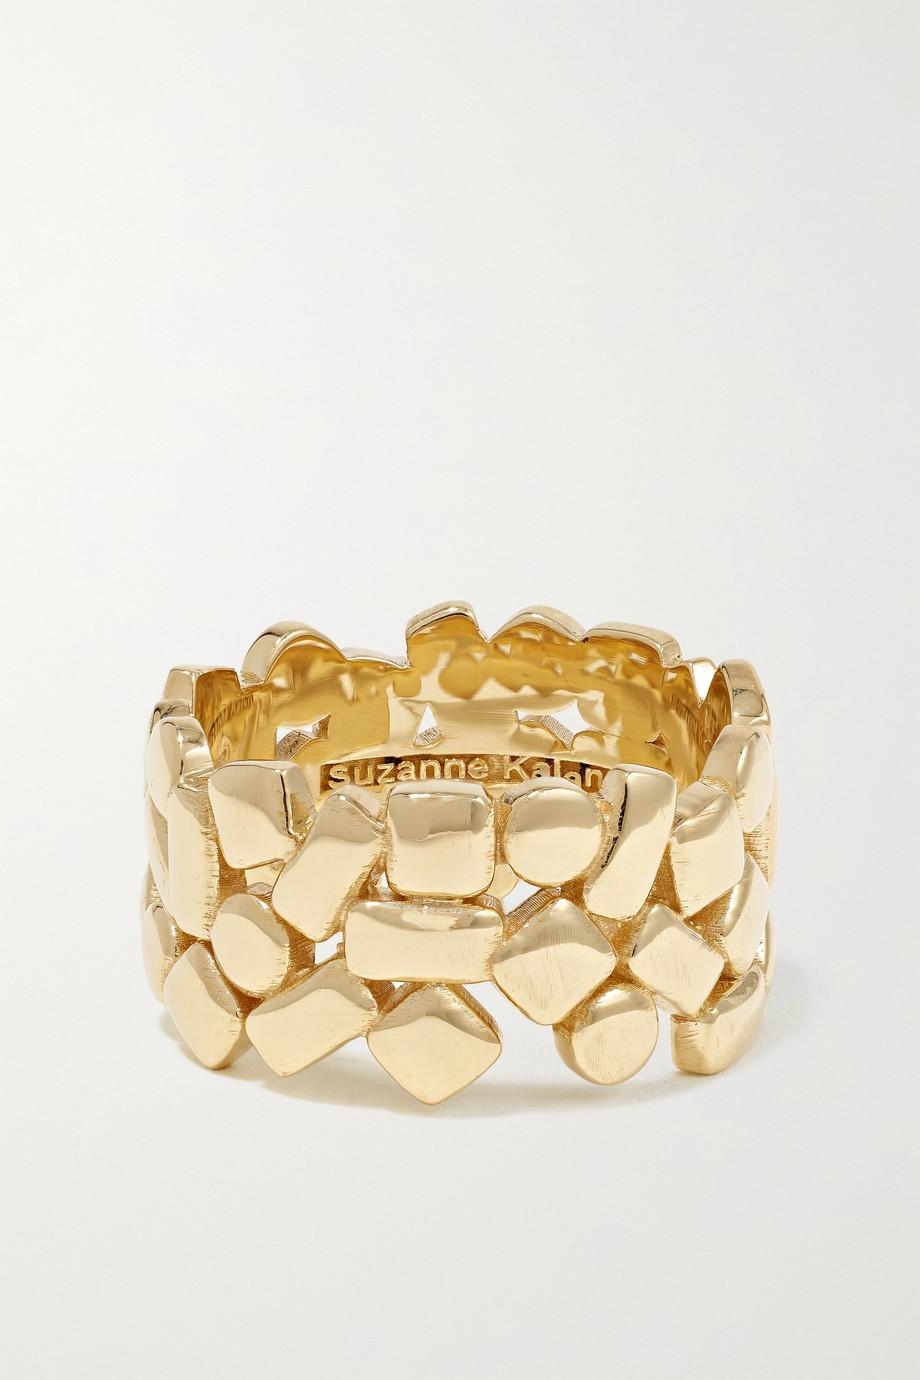 Suzanne Kalan 18-karat gold ring